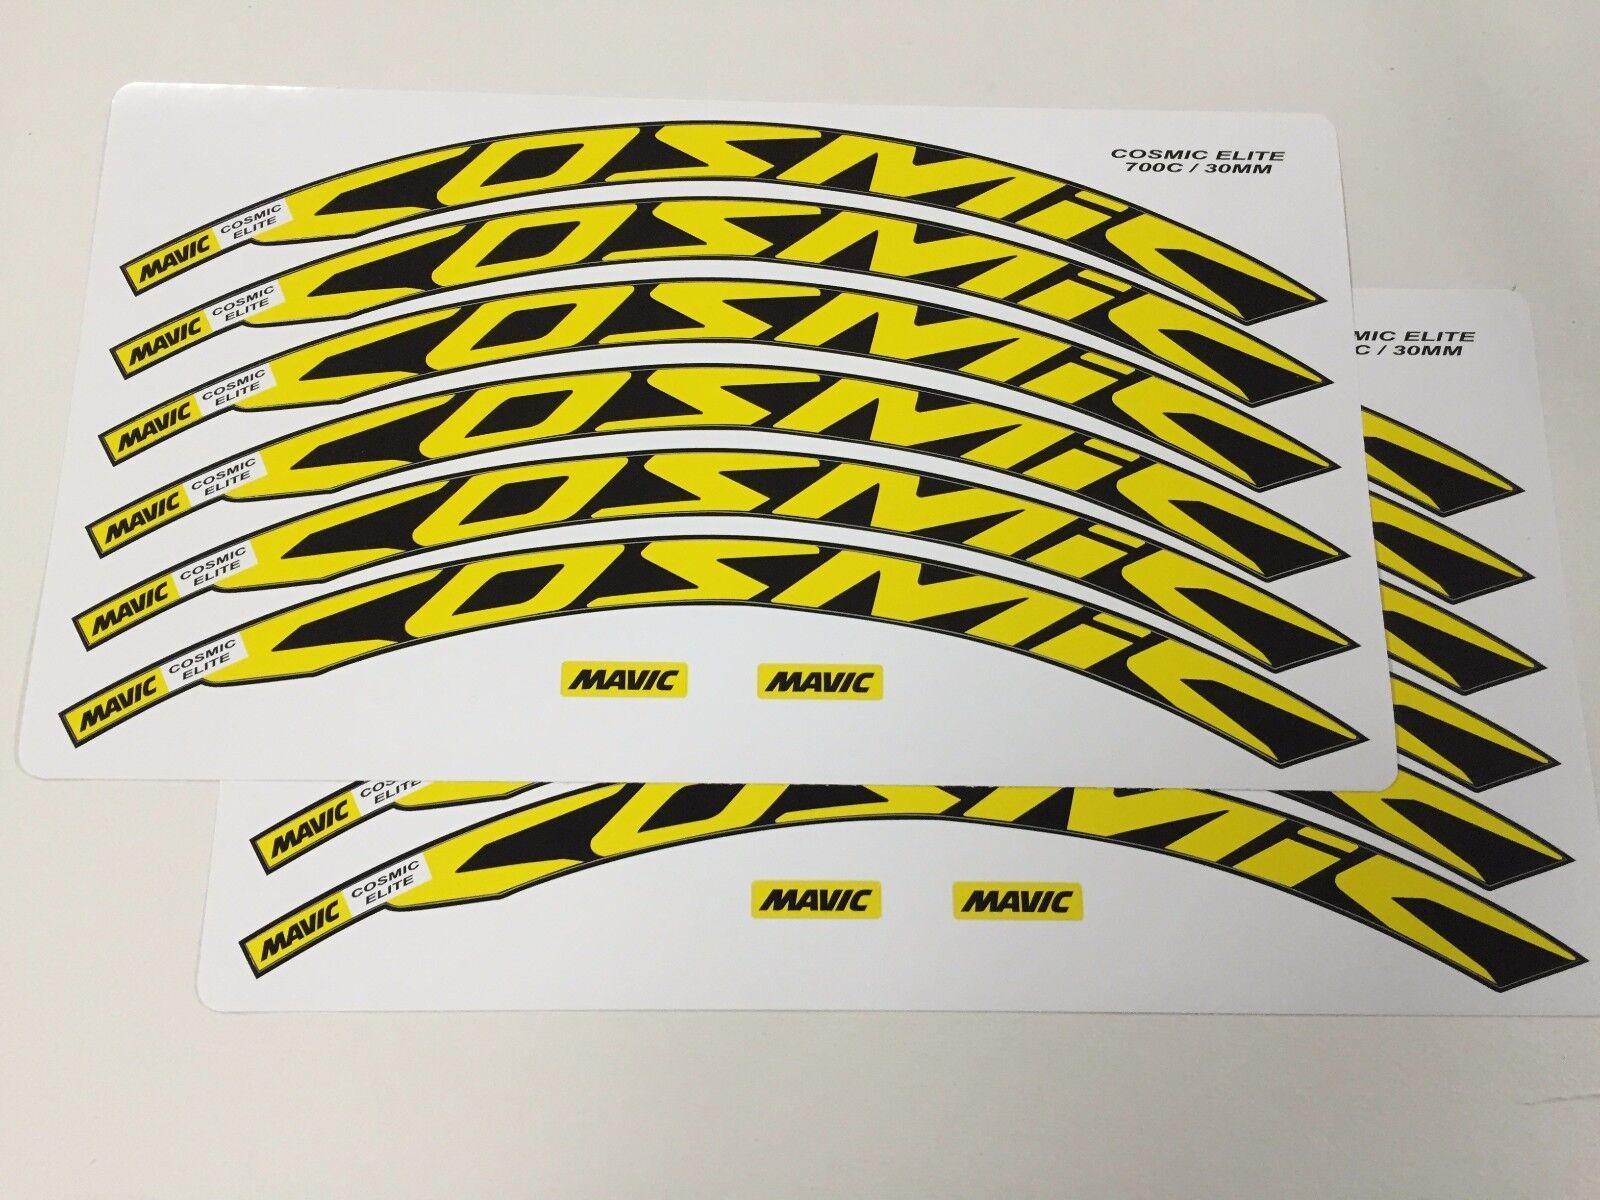 Стикеры набор мавик эйр на ebay защита подвеса синяя spark прозрачная, пластиковая